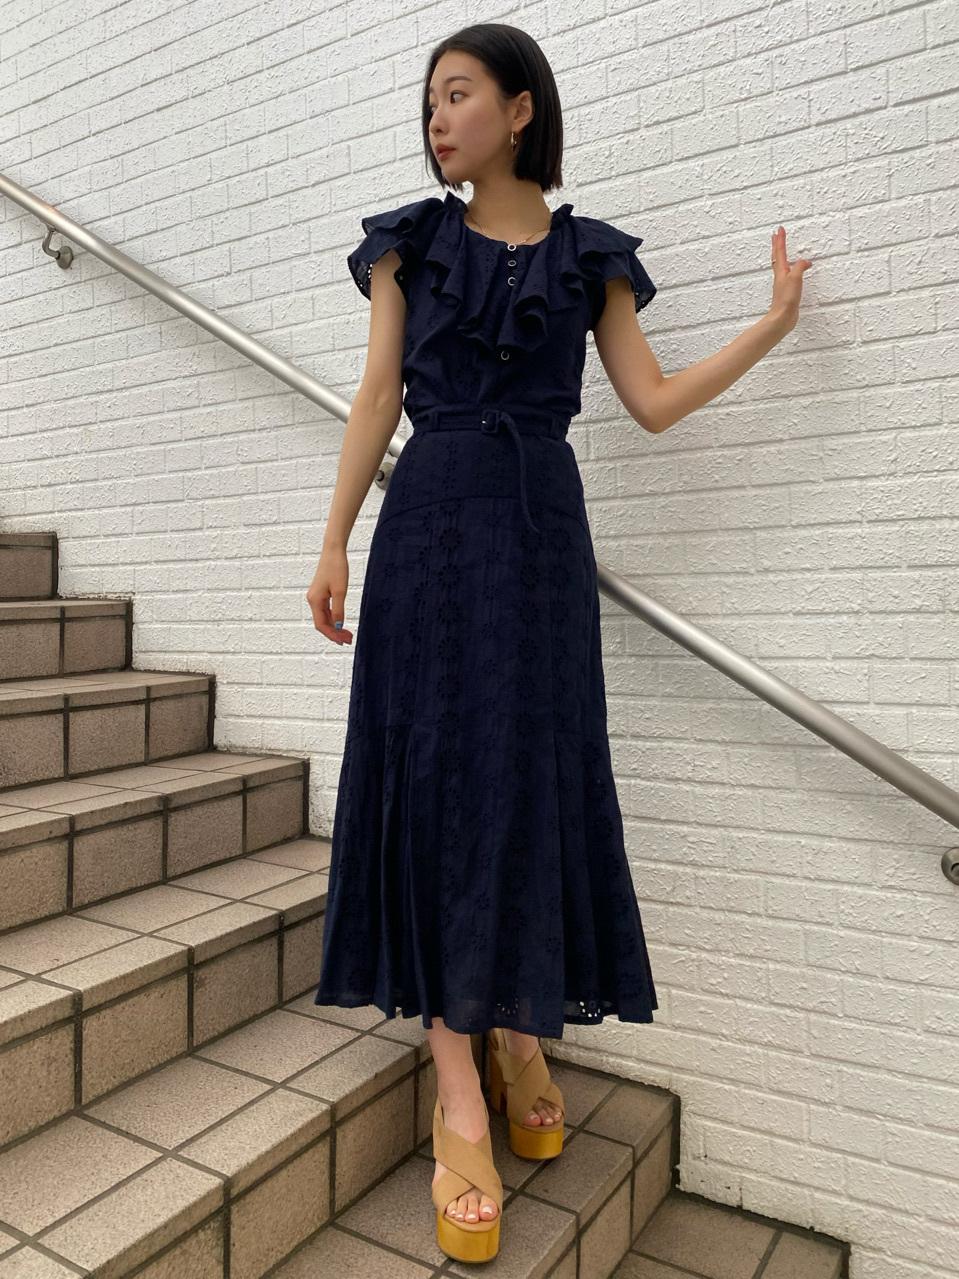 櫻井美緒(163cm)